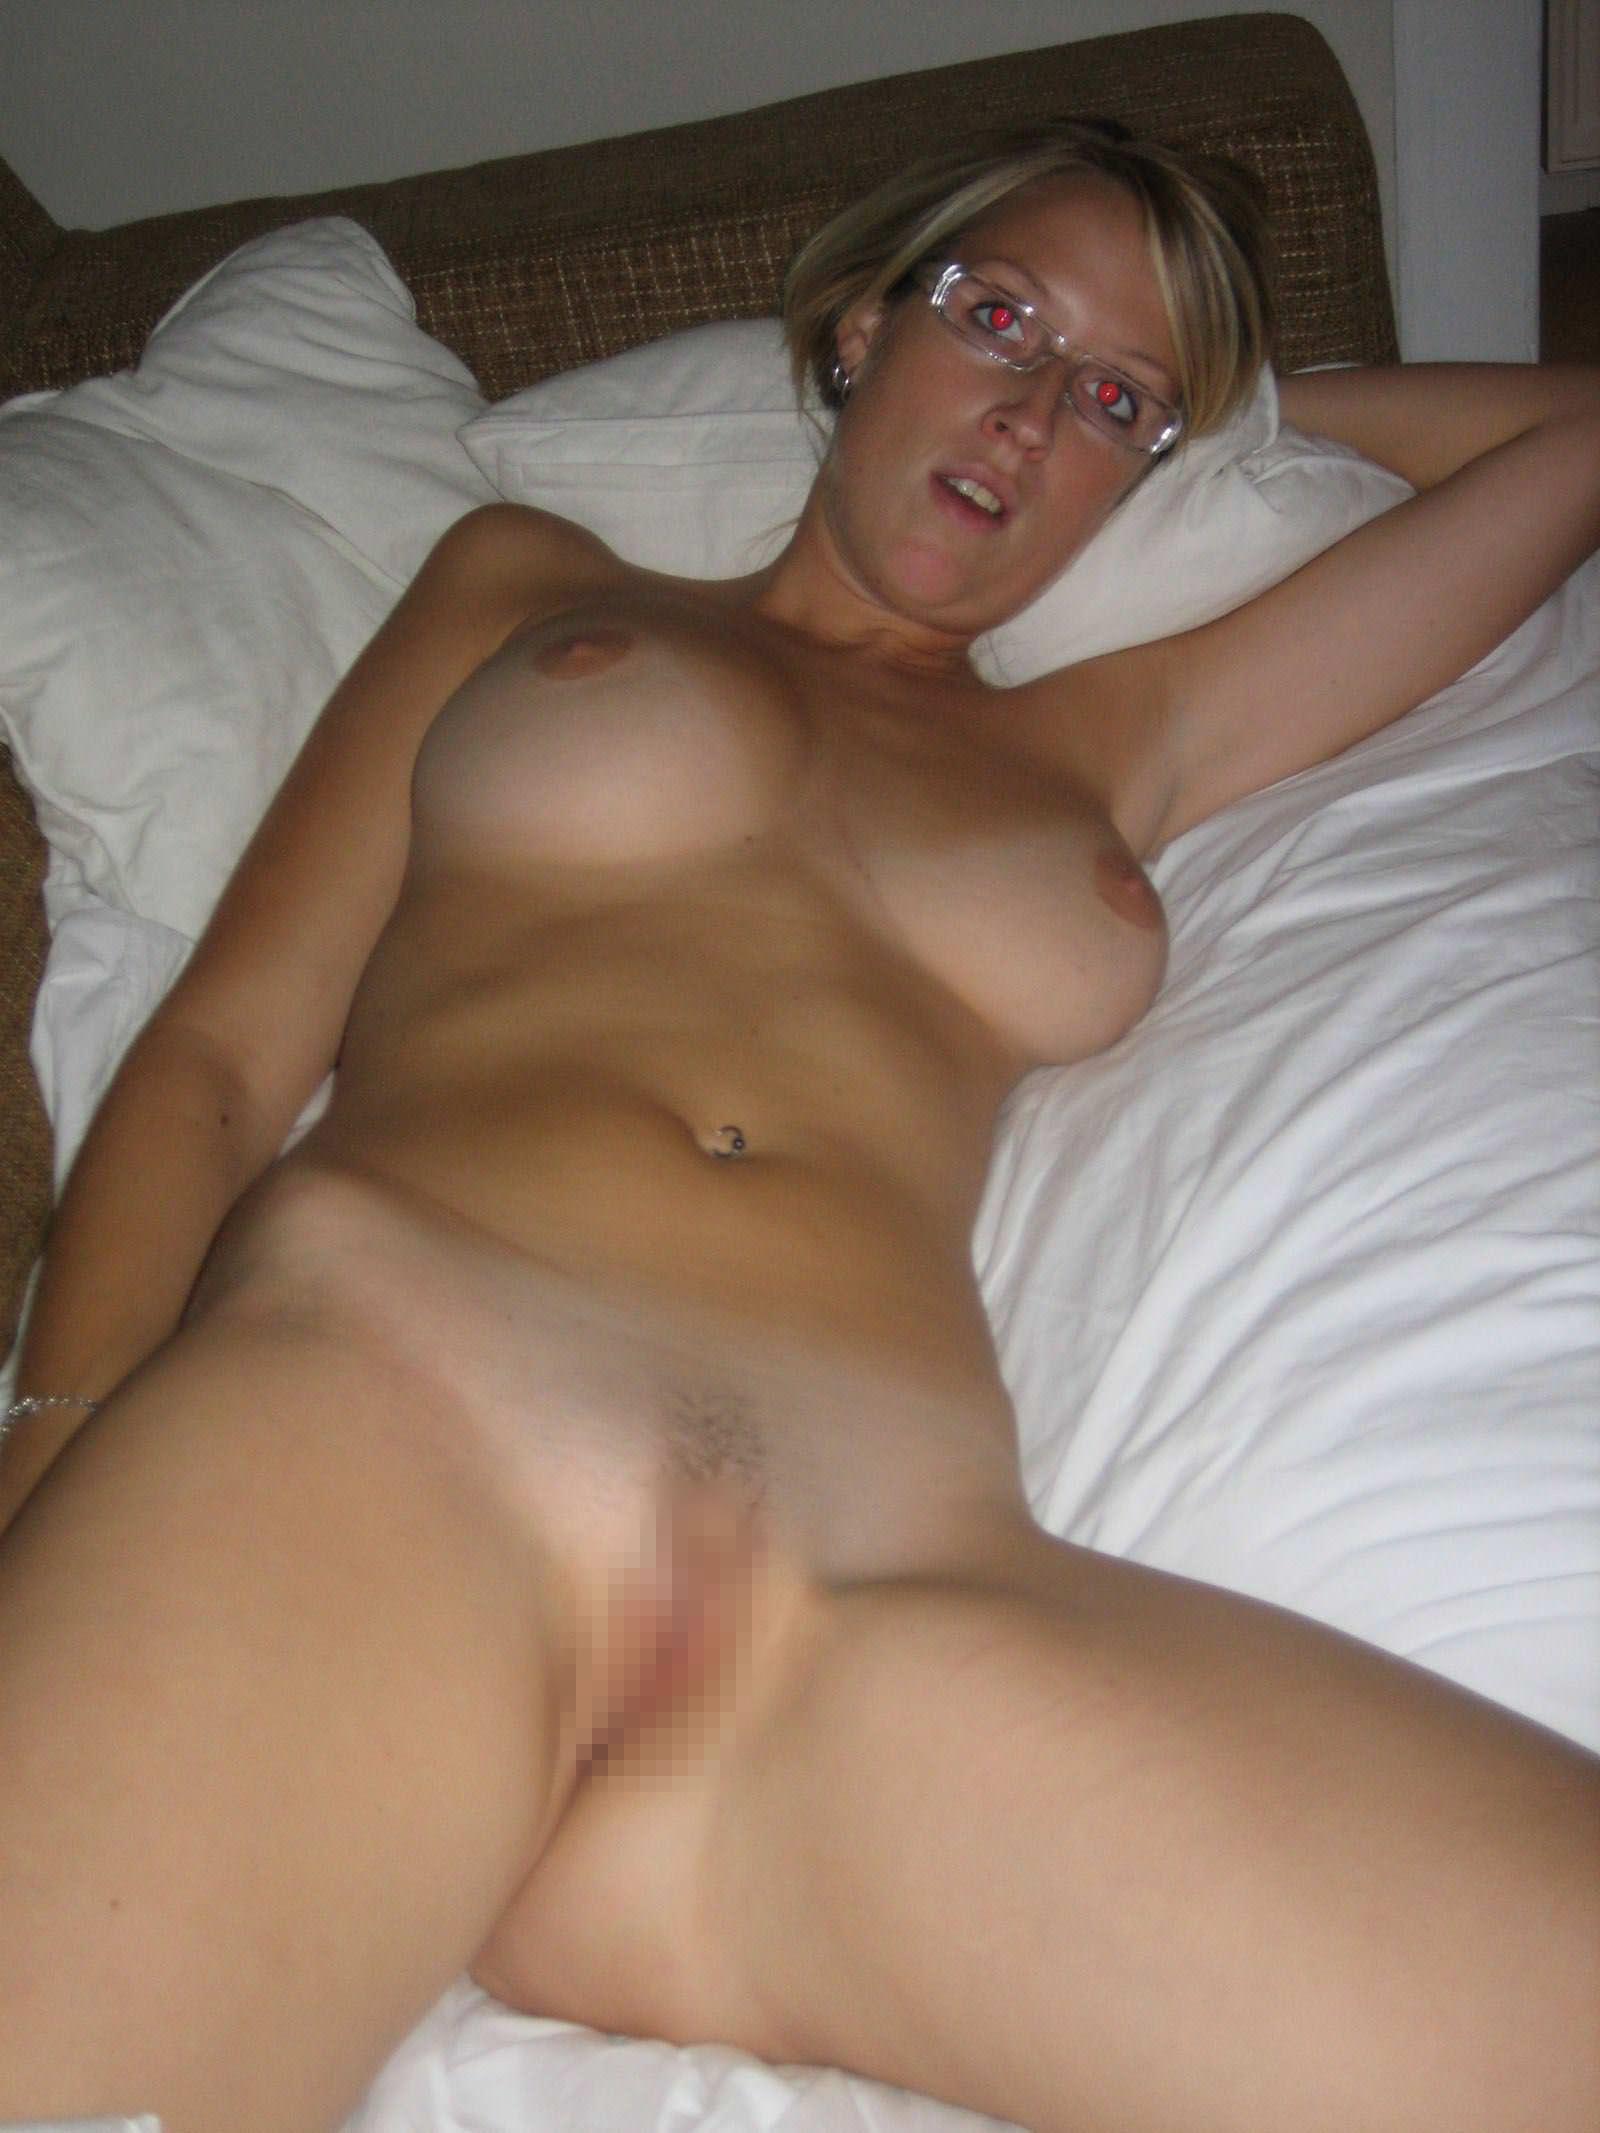 【外人】スウェーデンの金髪素人美女が彼氏とエッチして妊娠した姿を晒すポルノ画像 2645